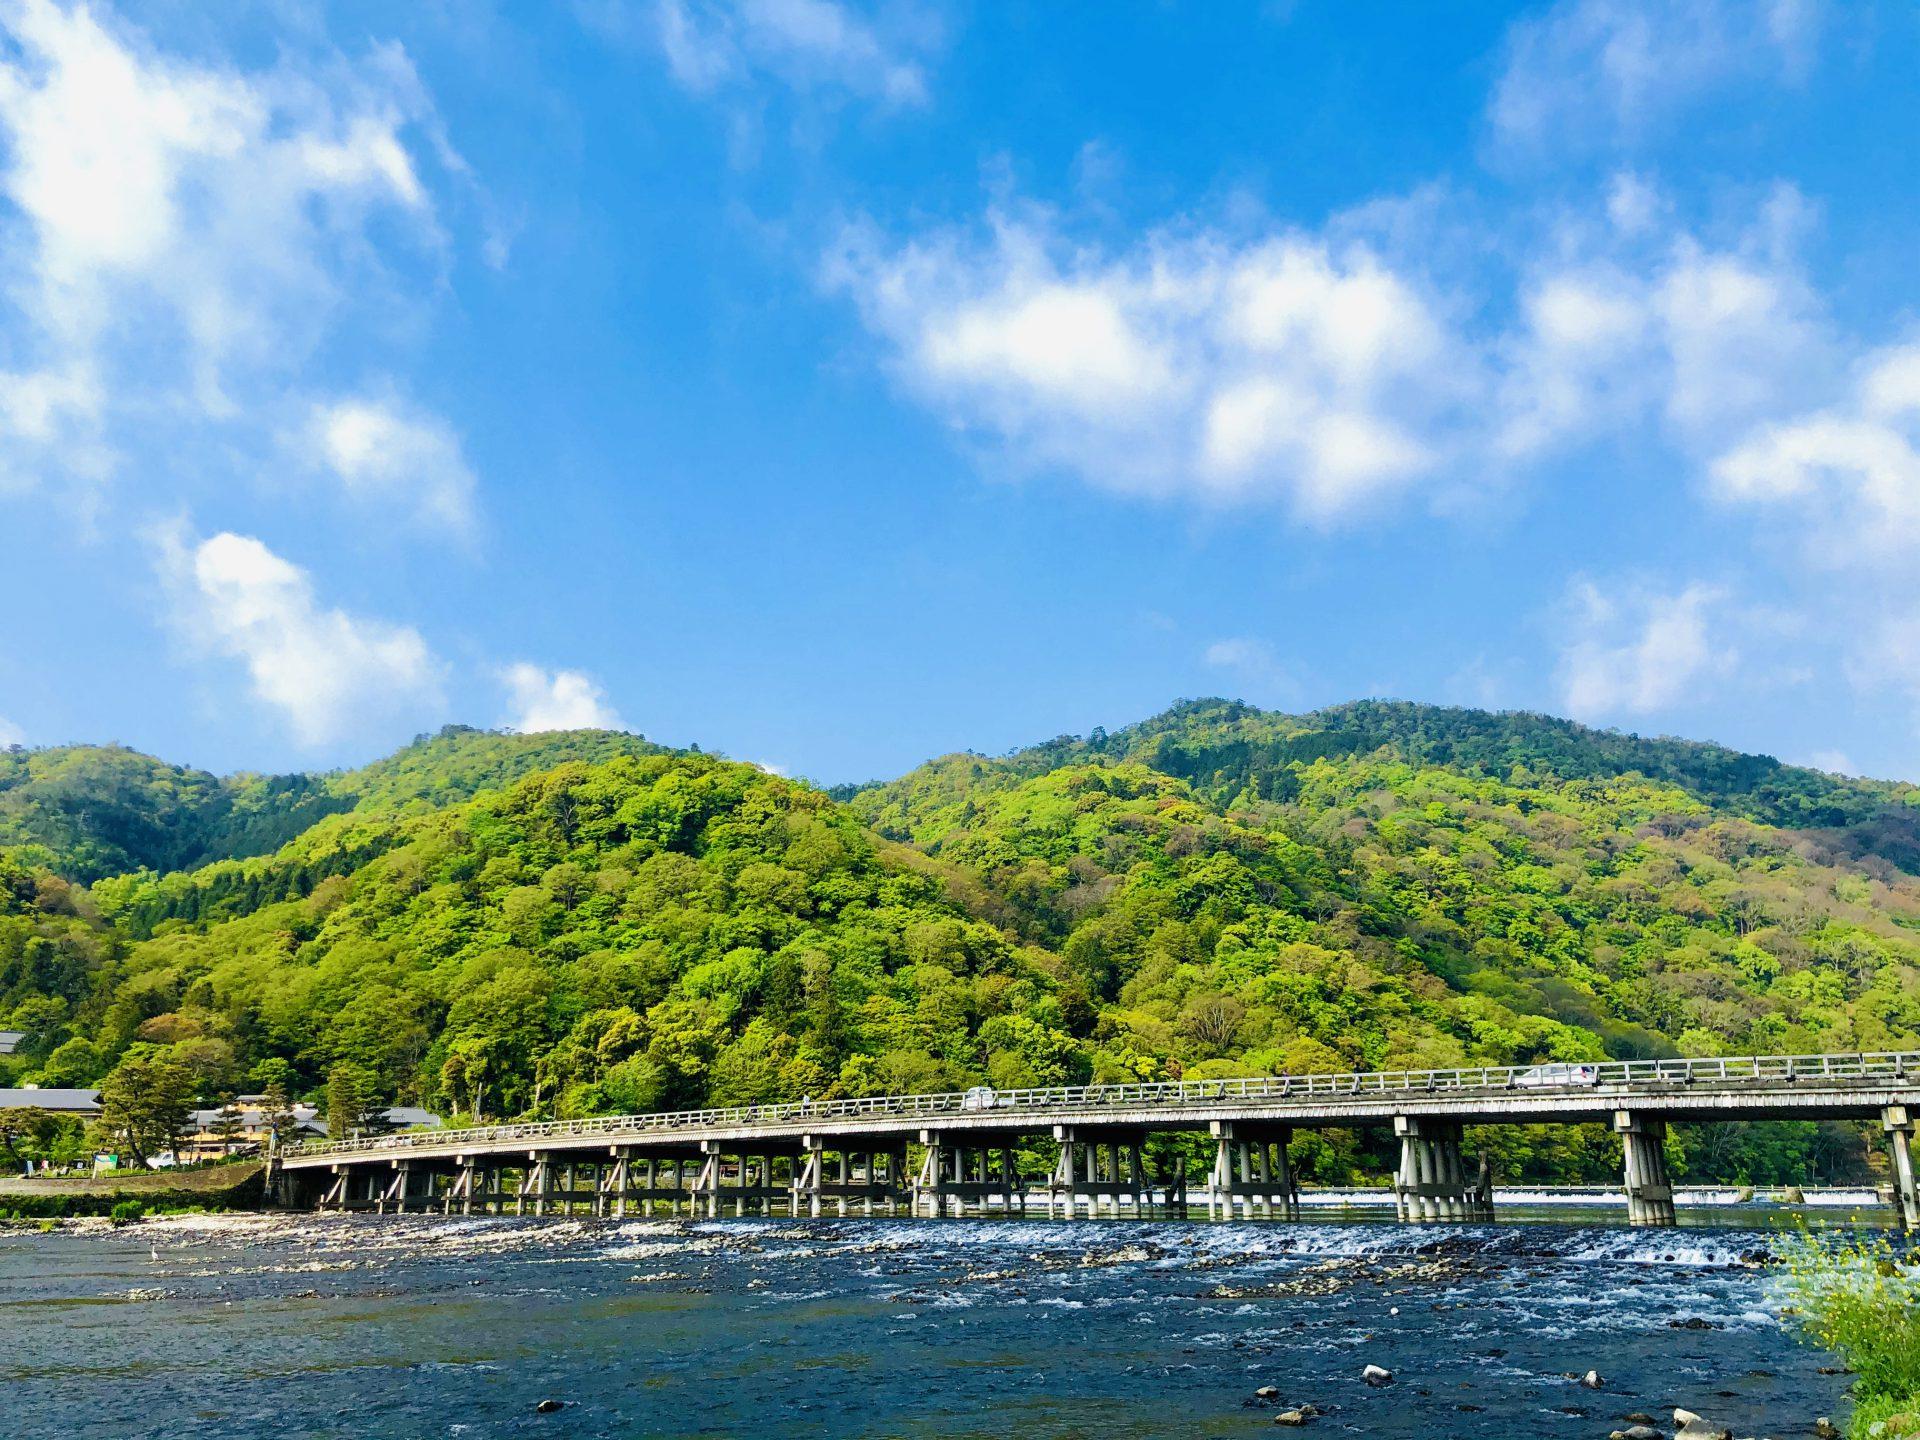 『初夏』:新緑の嵐山